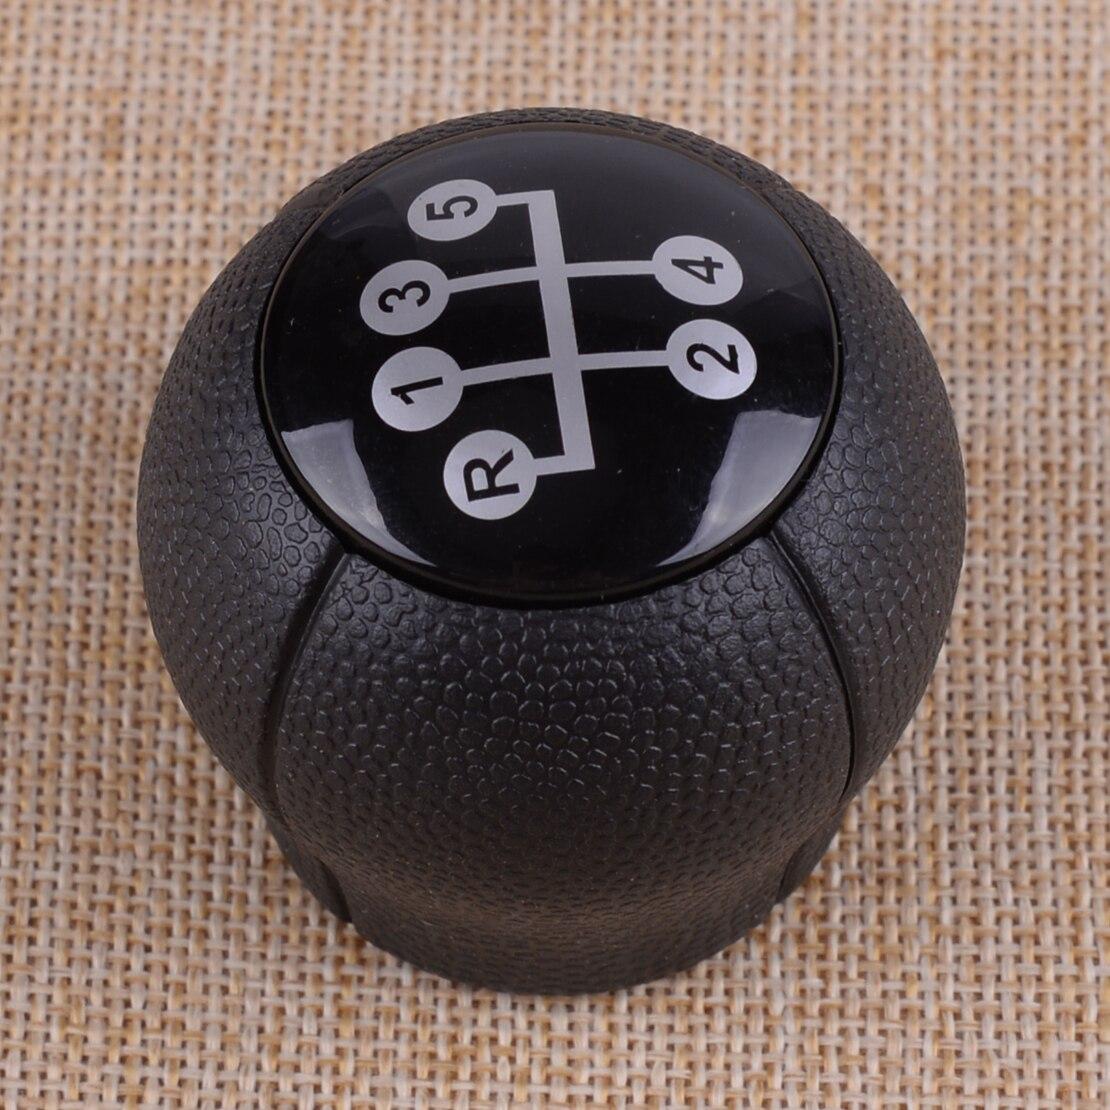 Palanca de cambios CITALL ABS Speed & R, palanca de cambios, palanca de cambios, palanca de cambio, perilla, cabeza apta para Opel Vauxhall Corsa A B Vectra Astra F G Tigra 5